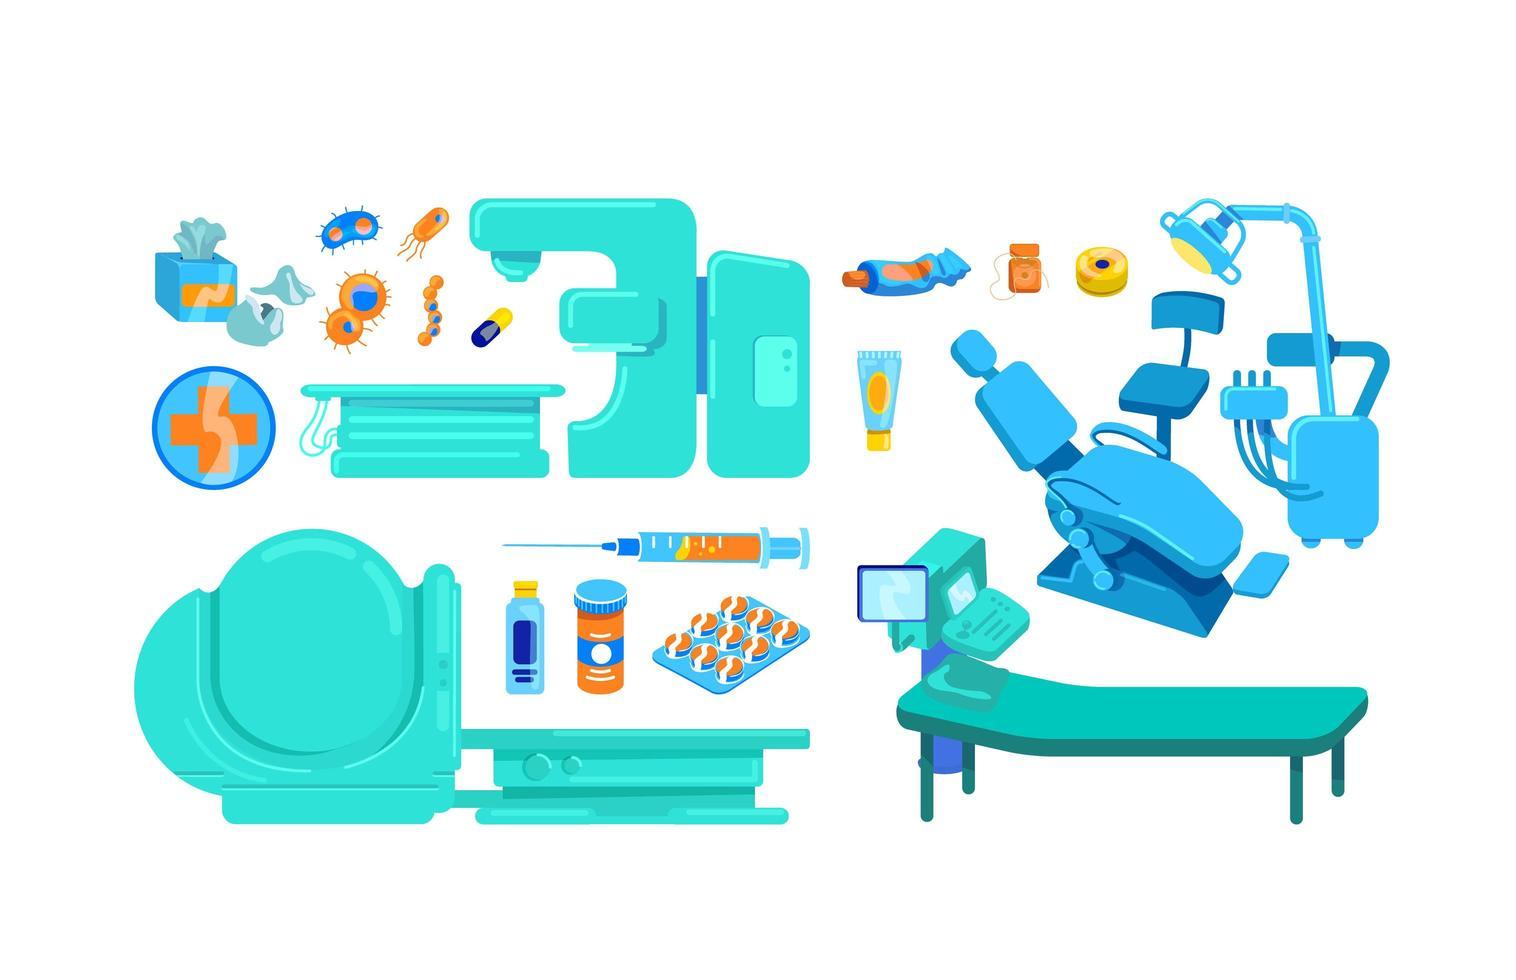 klinik utrustning platt färg vektor objekt set